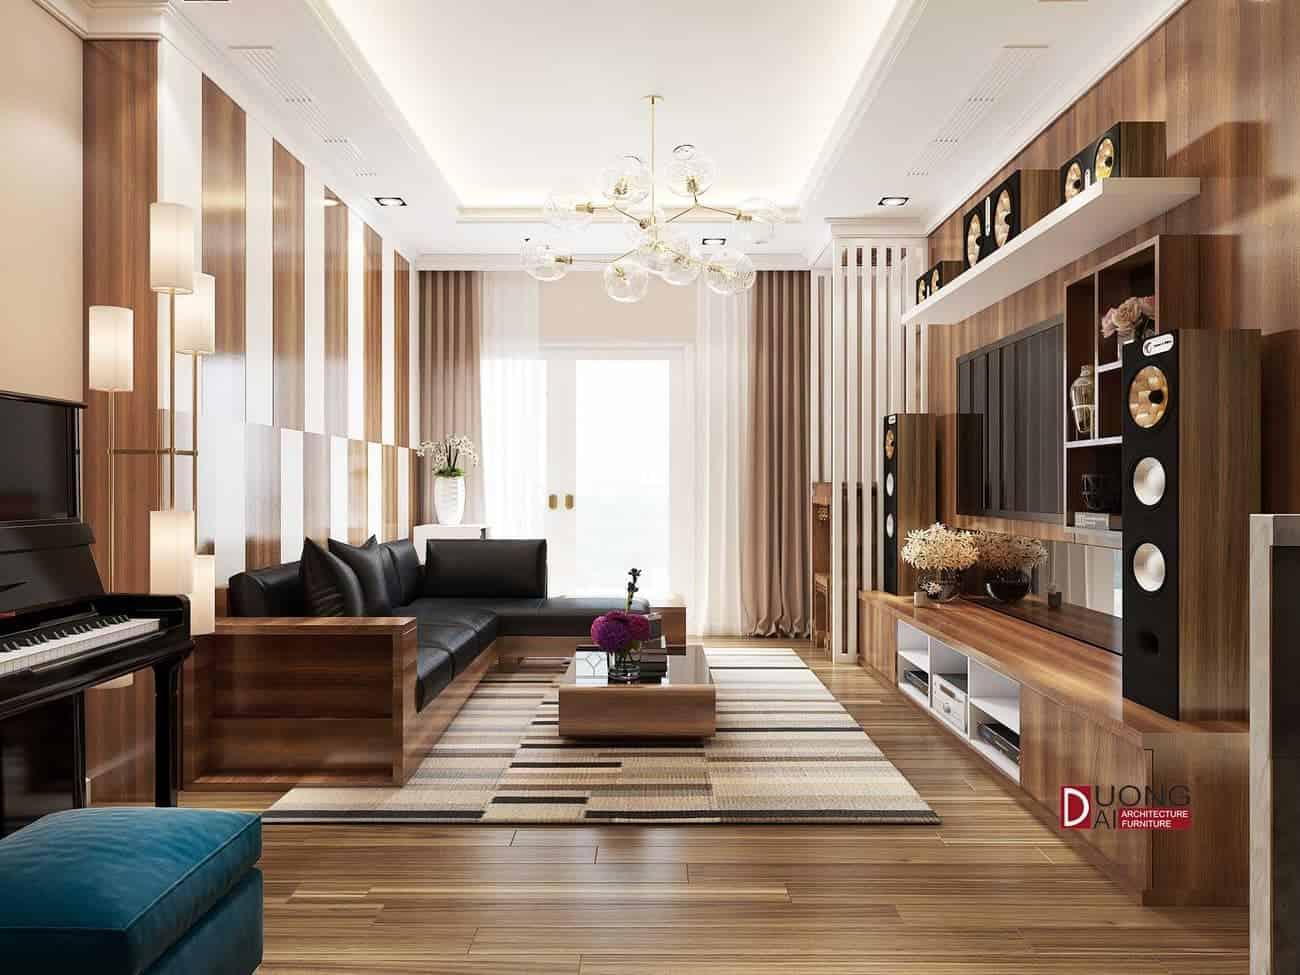 Sàn gỗ màu vân gỗ An Cường, đẹp, giá thành rẻ nhà anh Đăng - Imperia Garden.